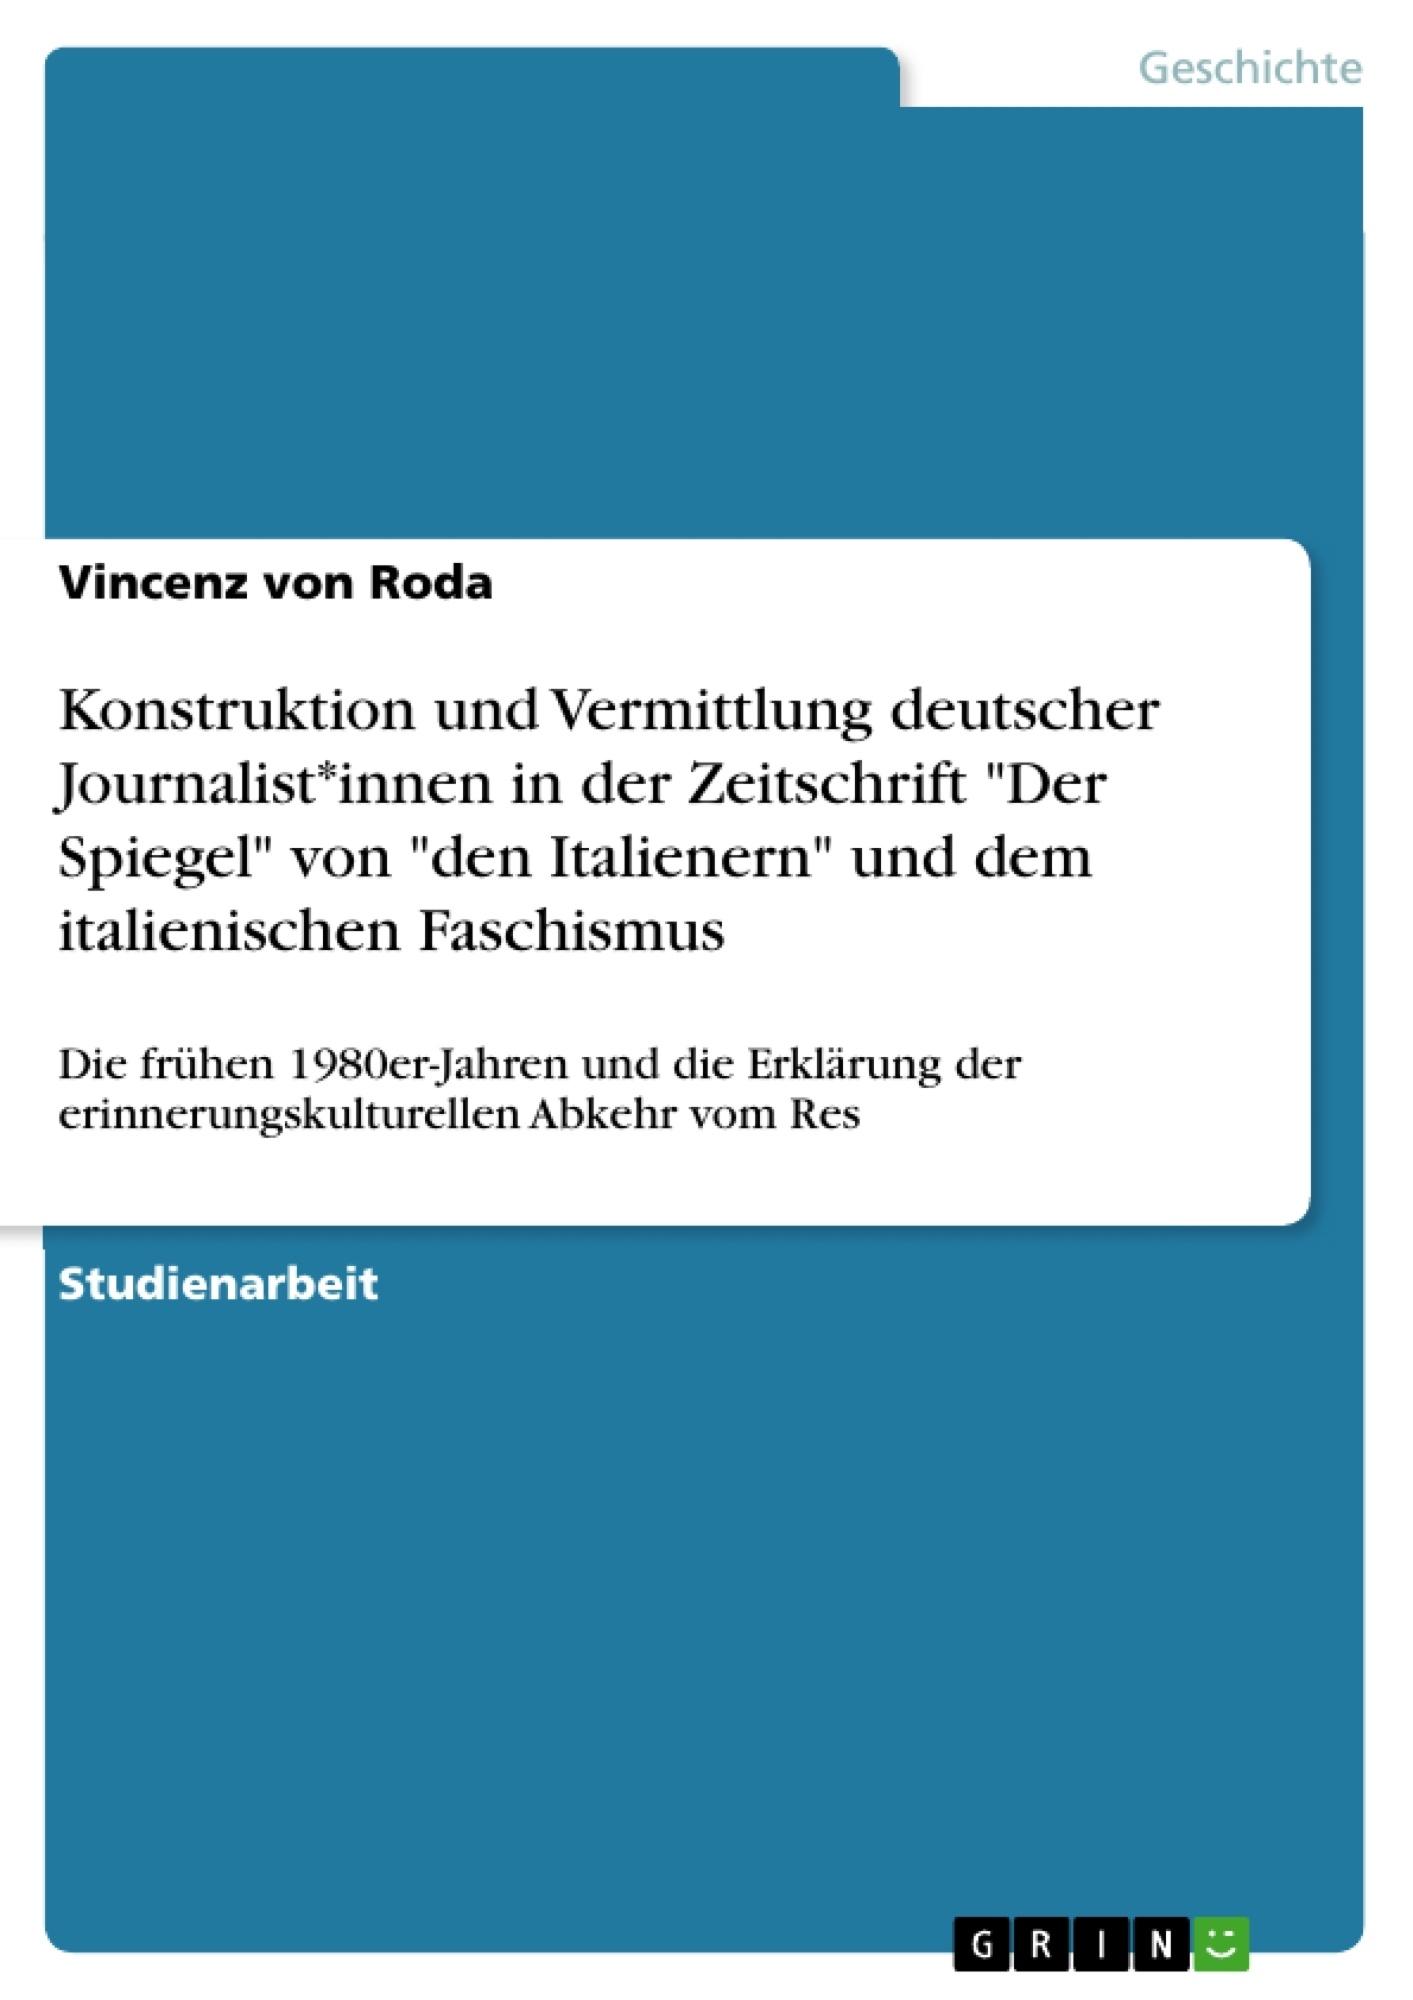 """Titel: Konstruktion und Vermittlung deutscher Journalist*innen in der Zeitschrift """"Der Spiegel"""" von """"den Italienern"""" und dem italienischen Faschismus"""